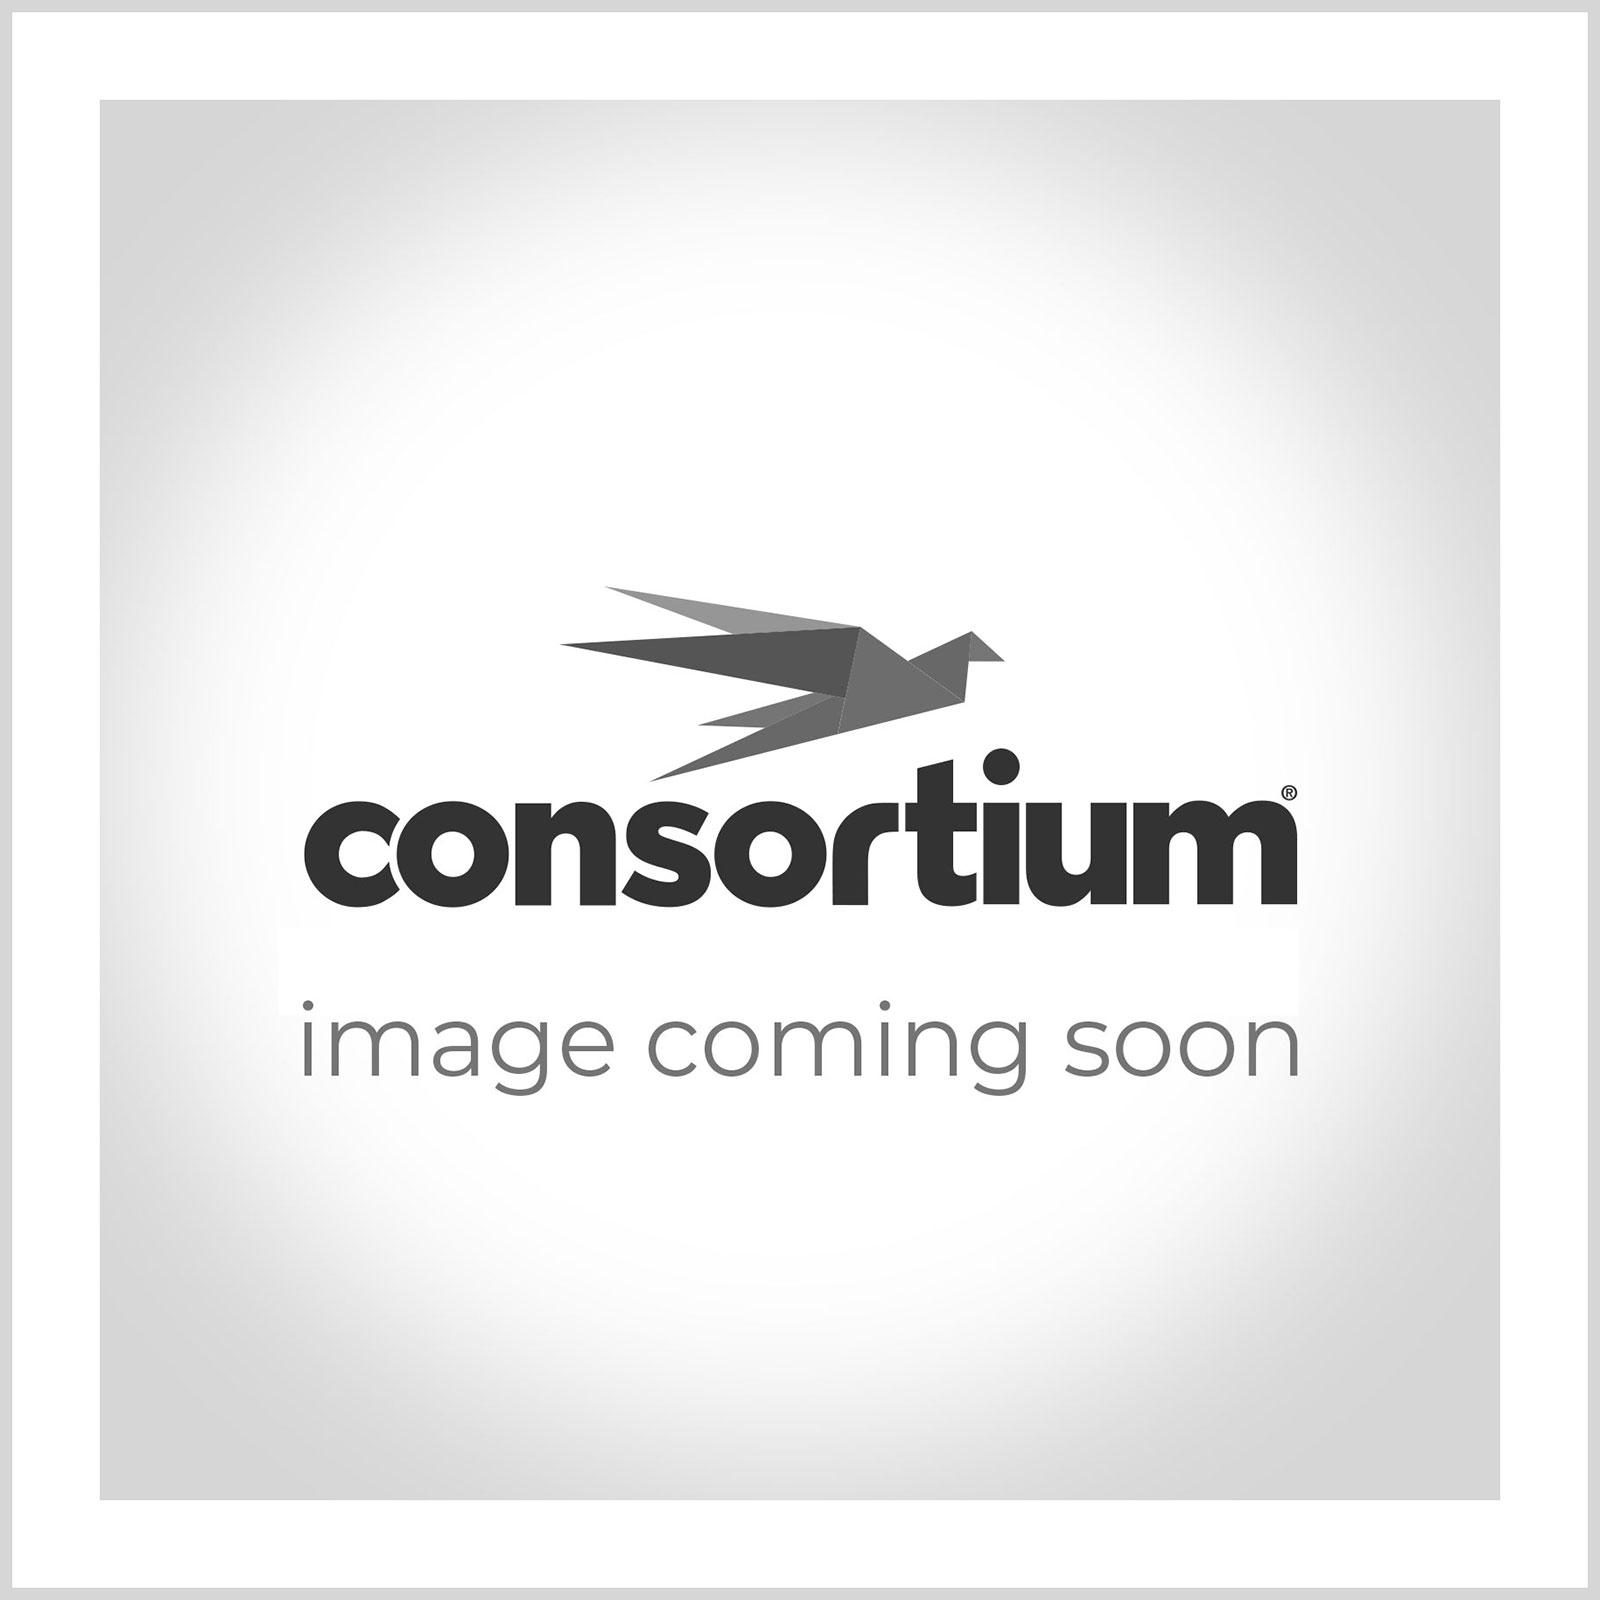 Workbooks key stage 2 workbooks : Workbooks at The Consortium Education